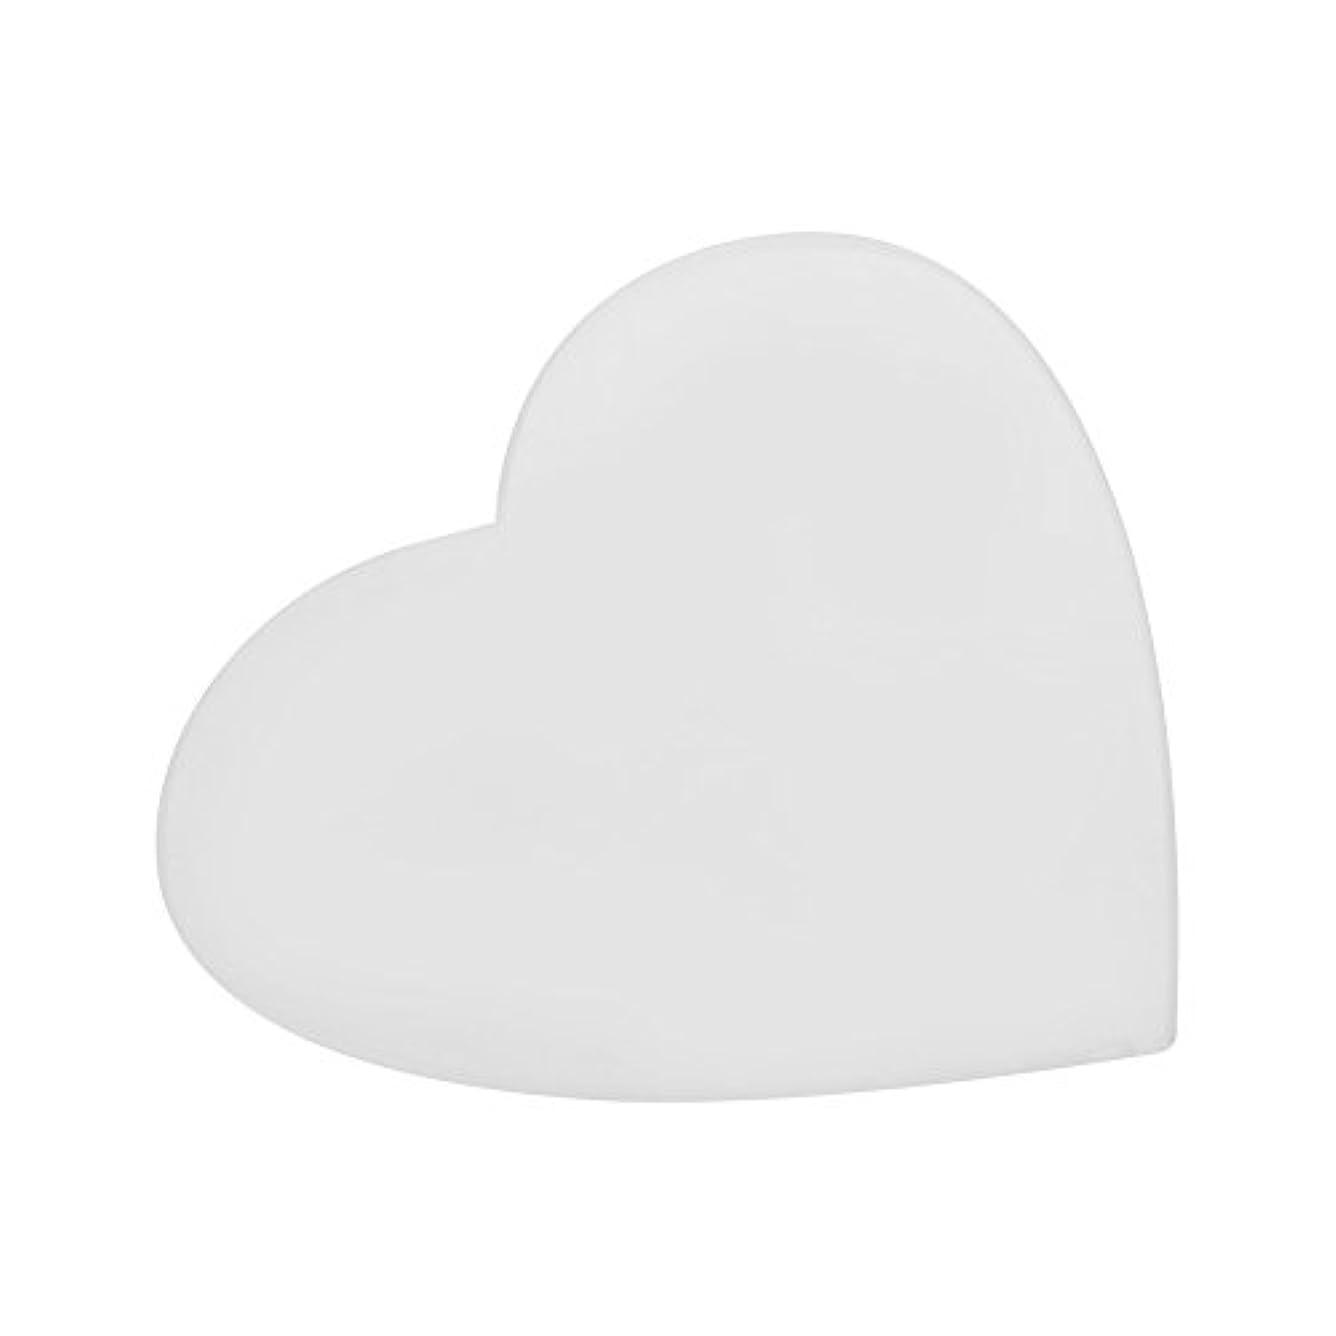 大声でマウント投資乳房ケア用シリコンチェストパッド